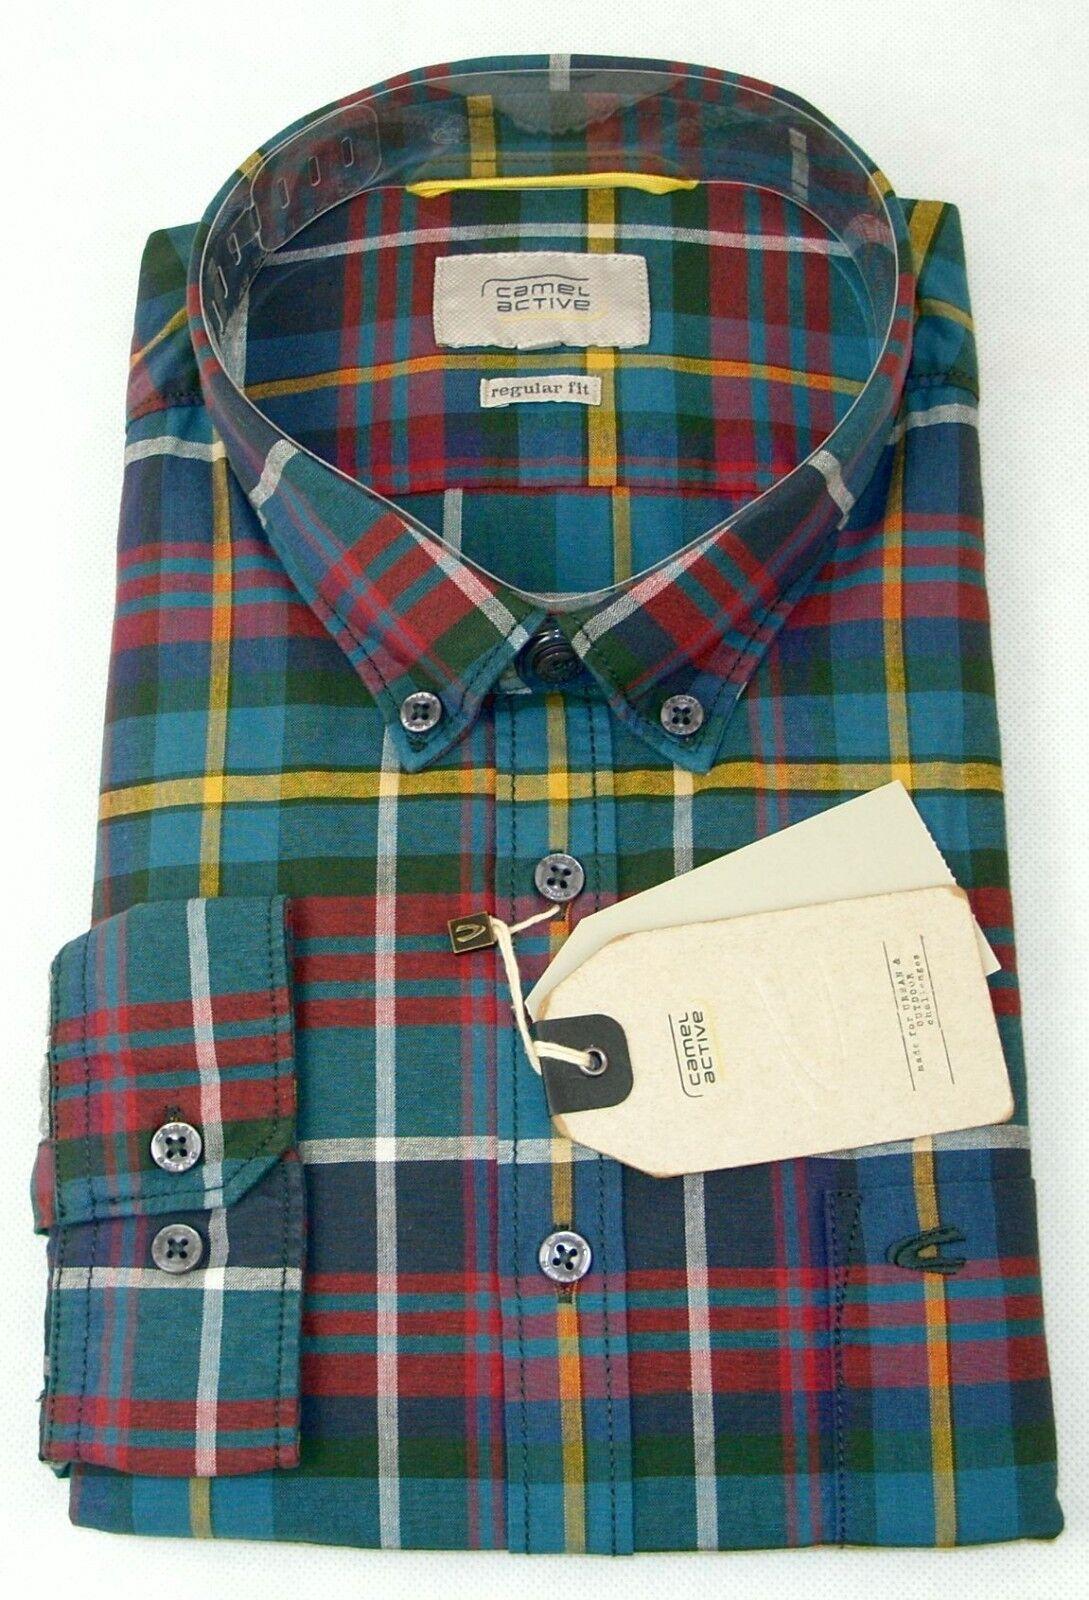 sleek new arrivals 100% high quality Мужская повседневная рубашка CAMEL Active Hemd langarm Übergröße 2XL 3XL  4XL 5XL Kariert NEU Jetzt -40%